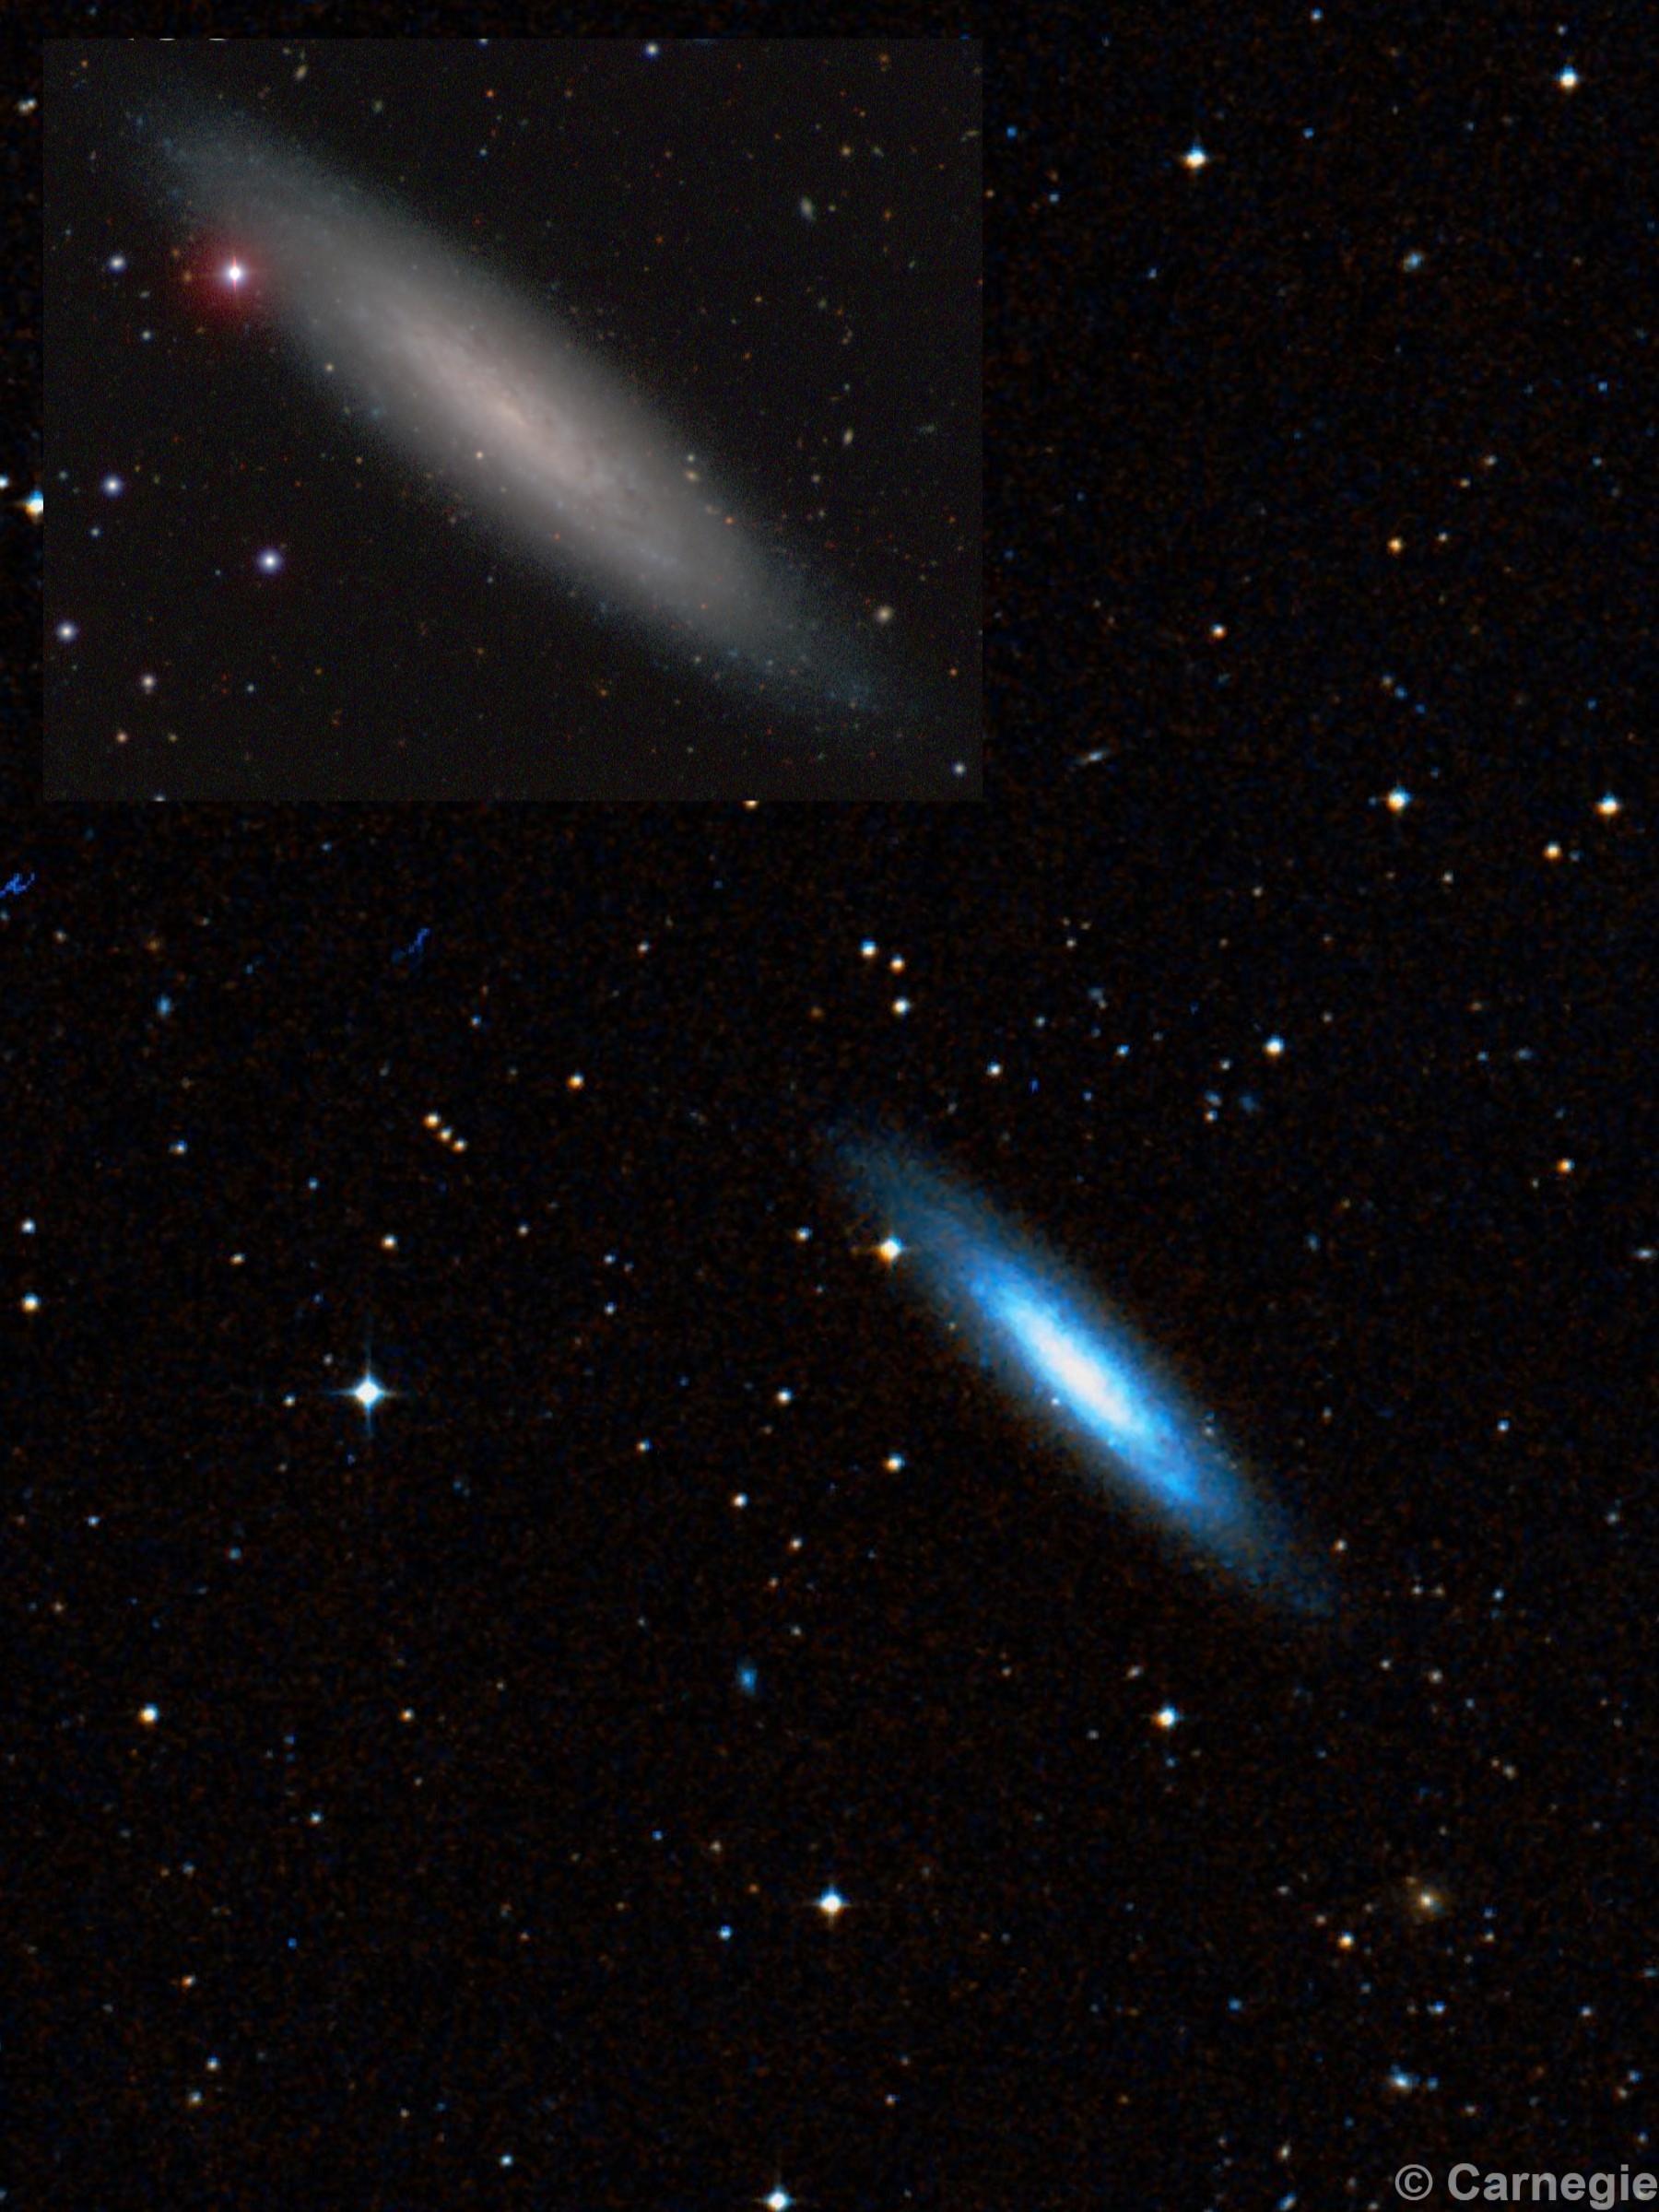 NGC 24